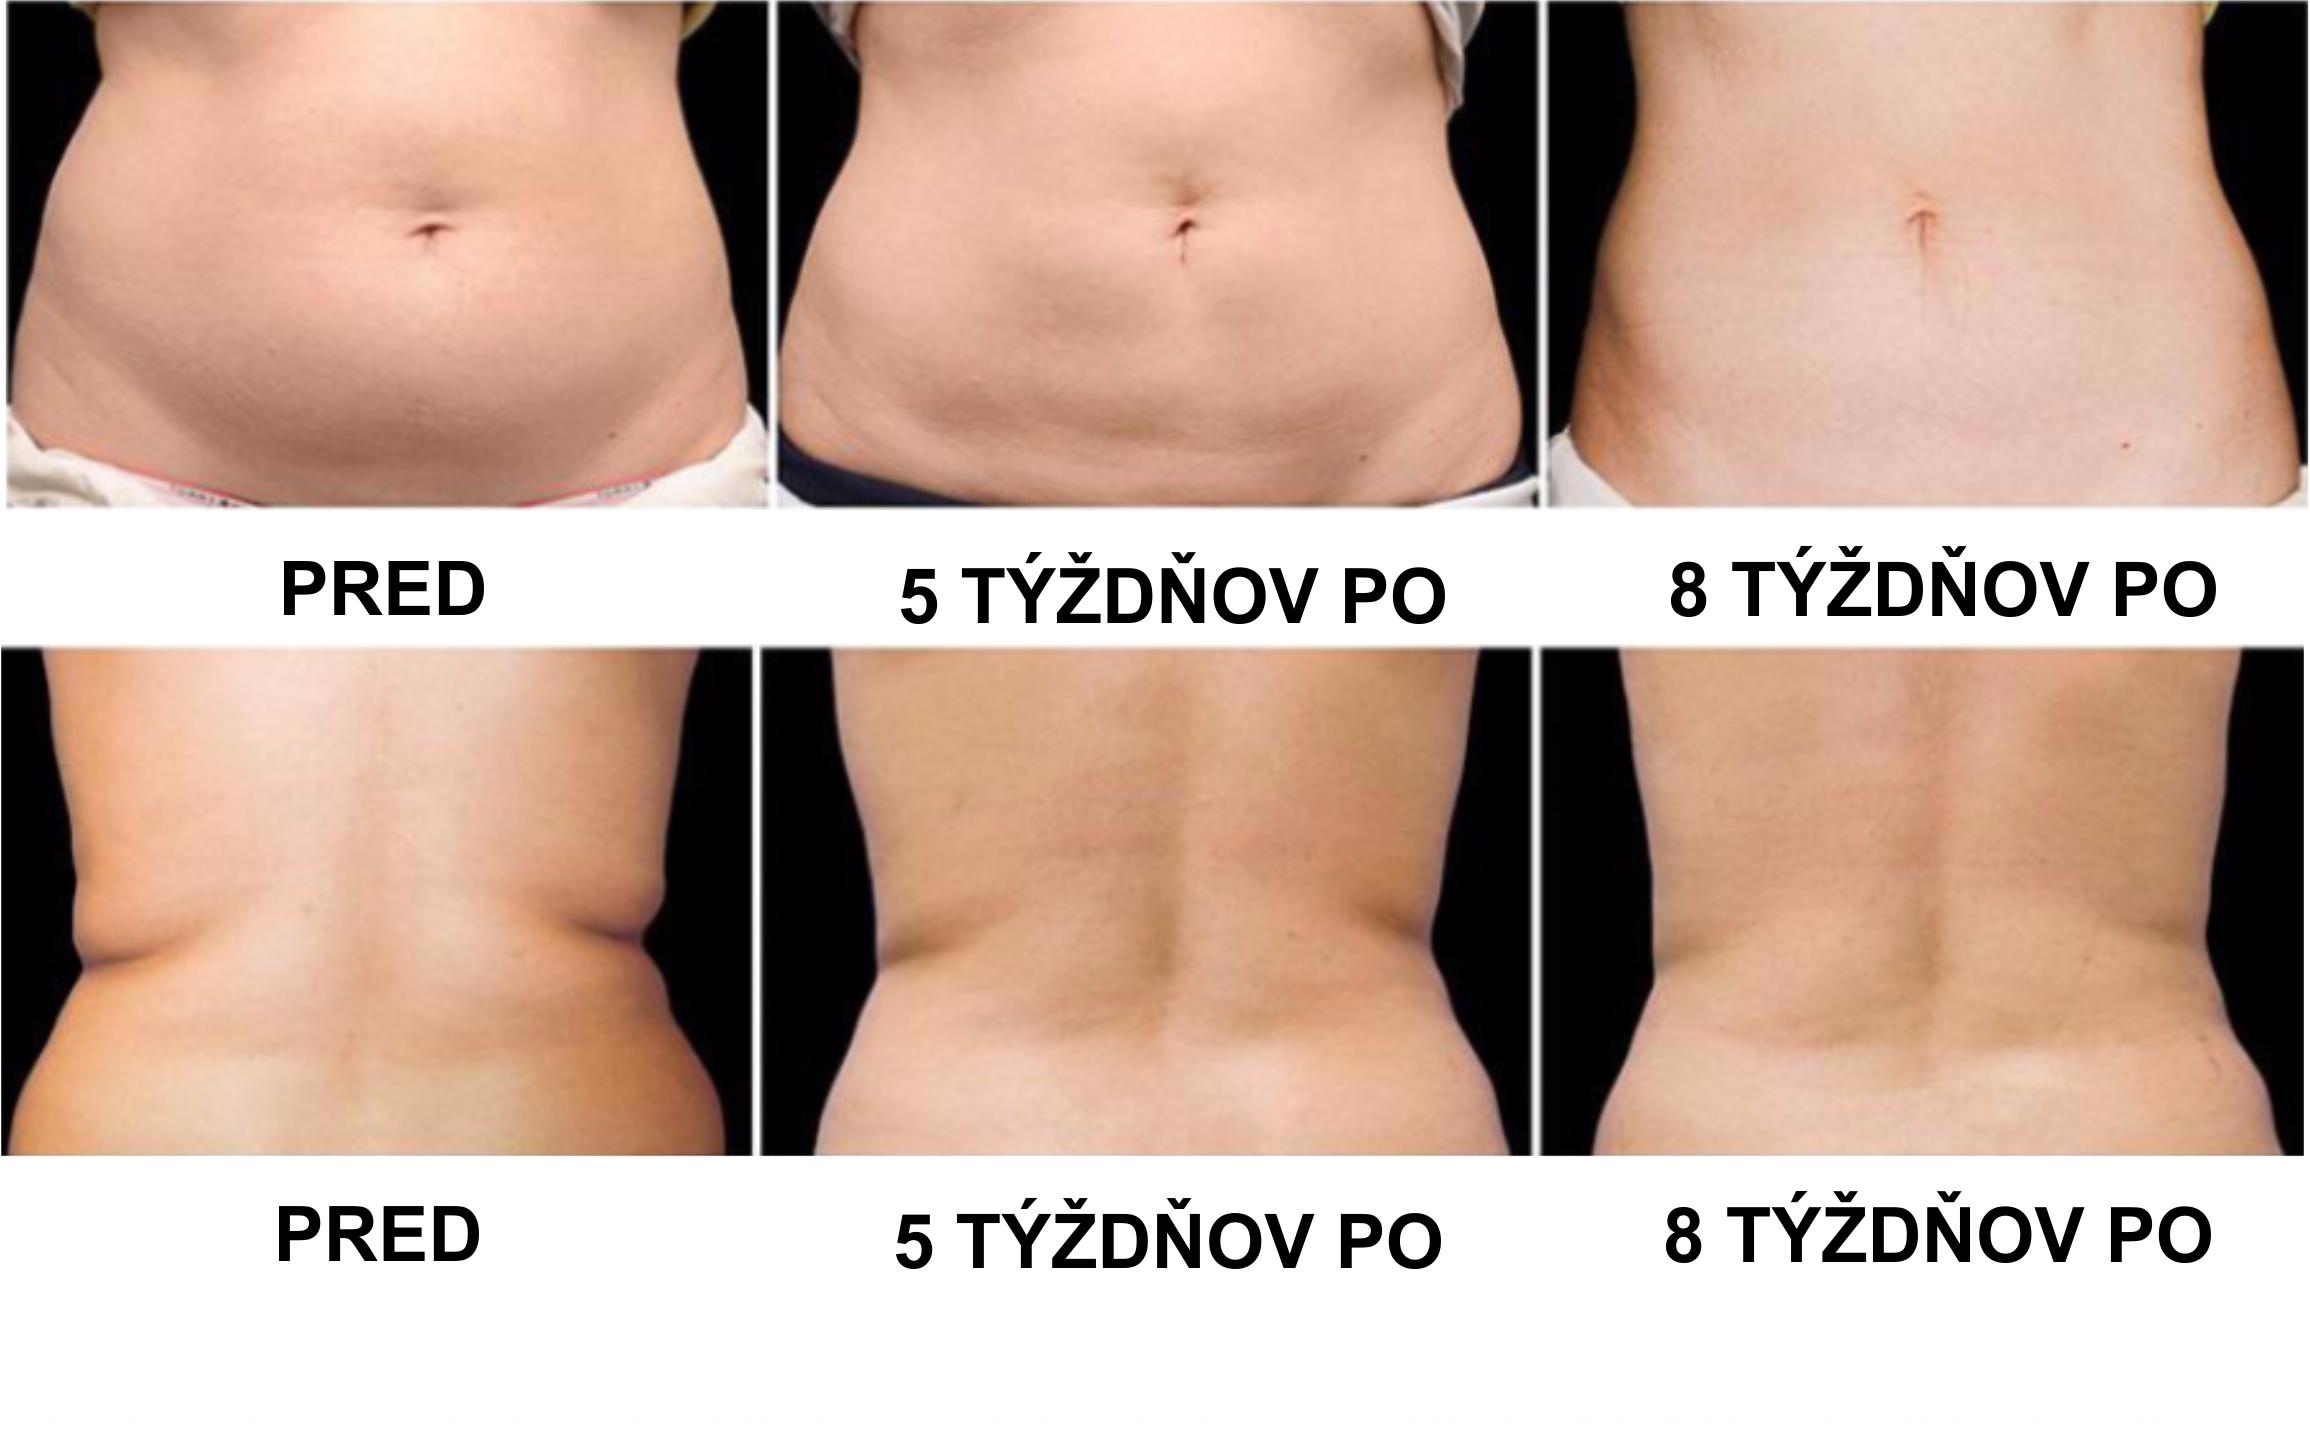 Ultrazvukova liposukcia